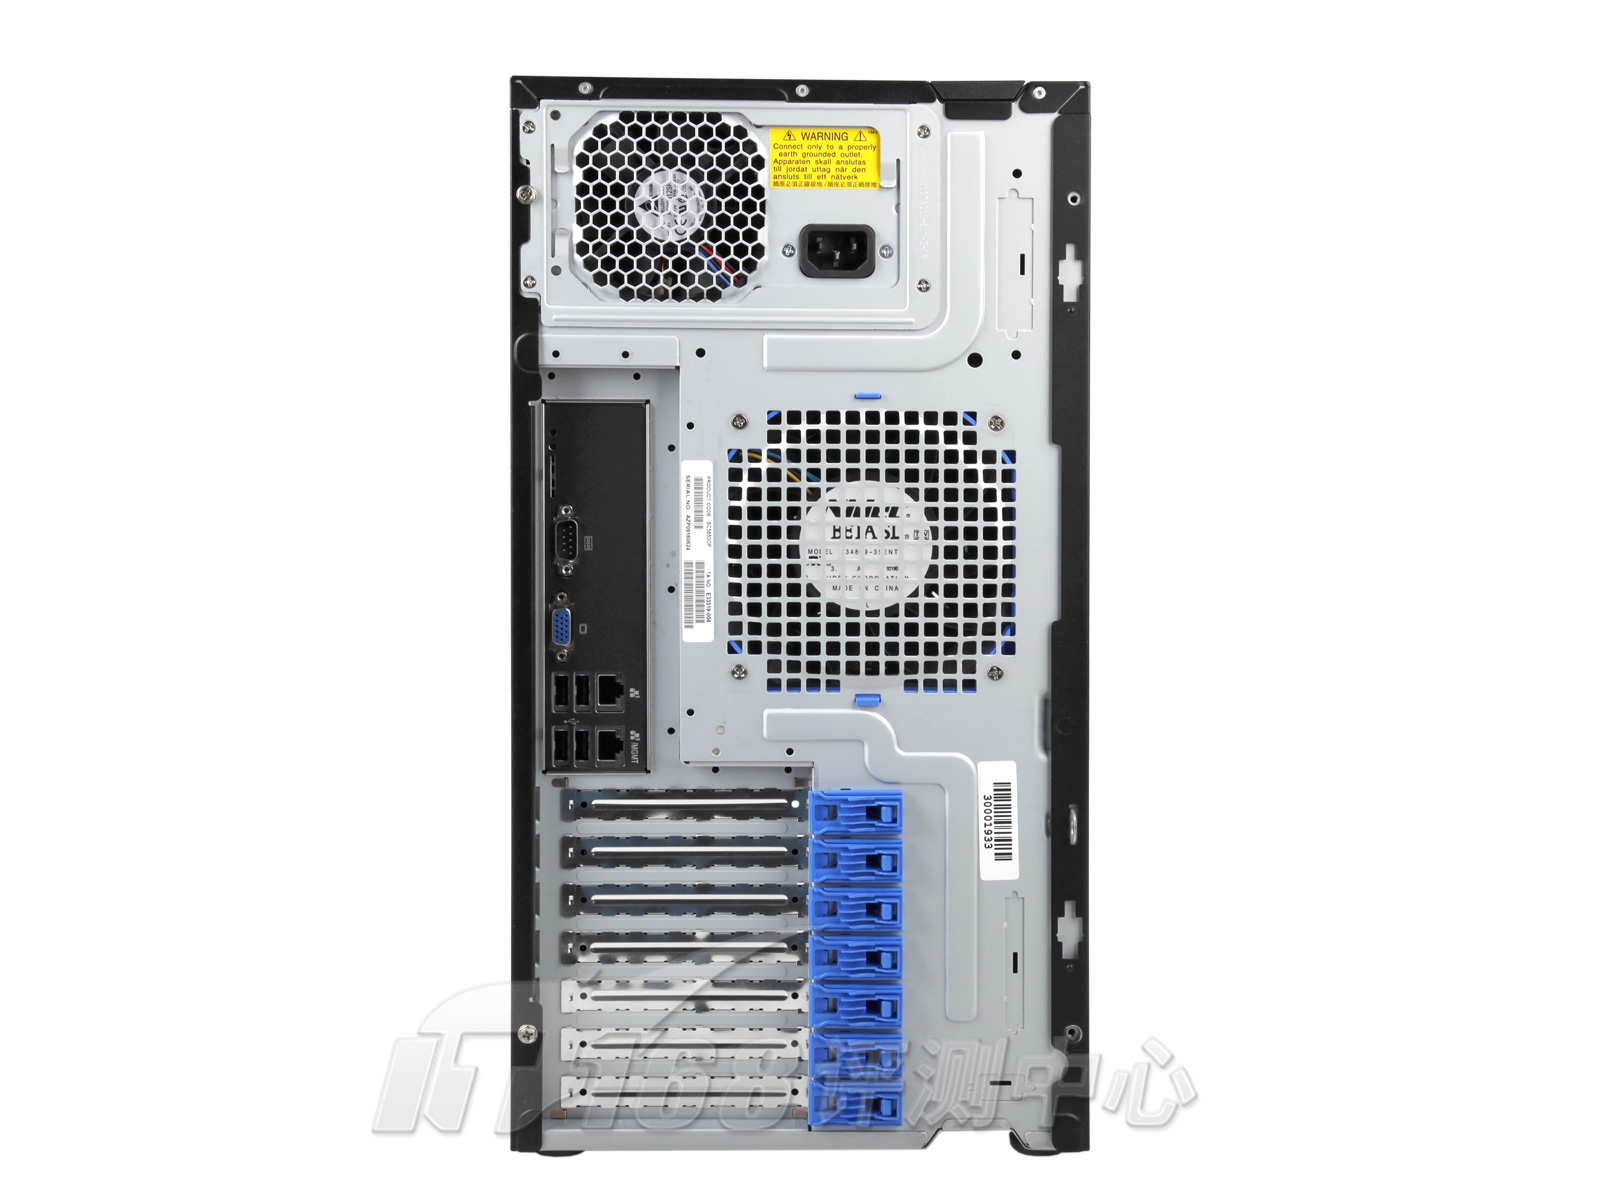 联想t260 g2塔式服务器评测